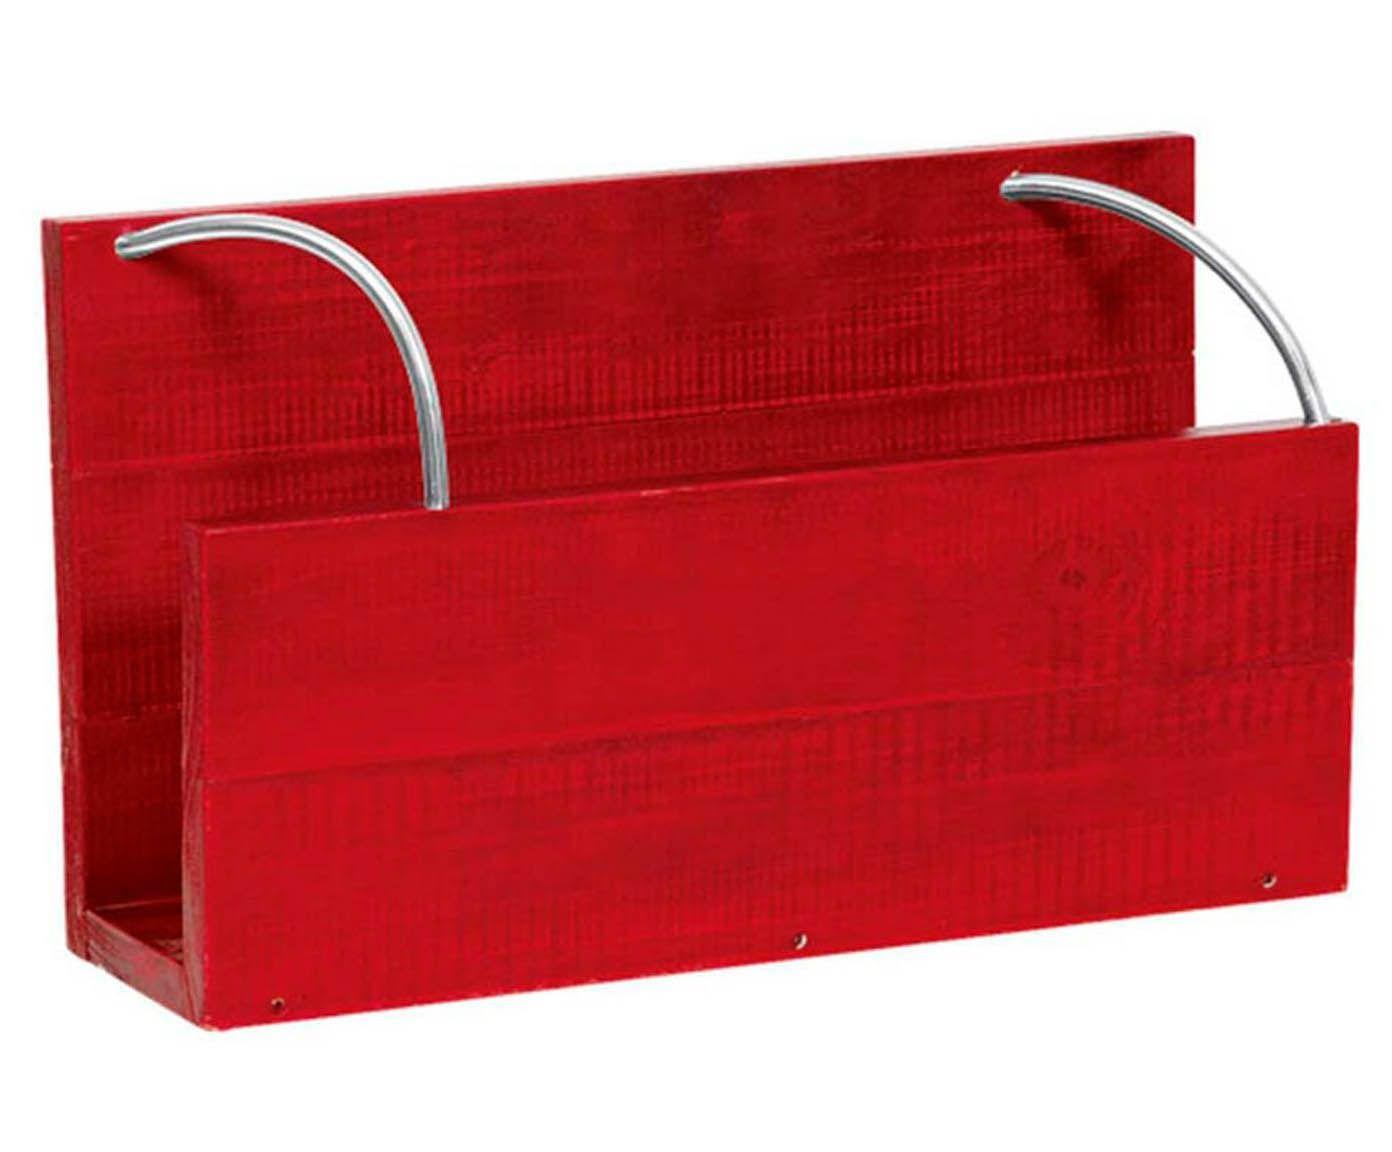 Porta-revista simão - 50x30cm | Westwing - Casa & Decoração